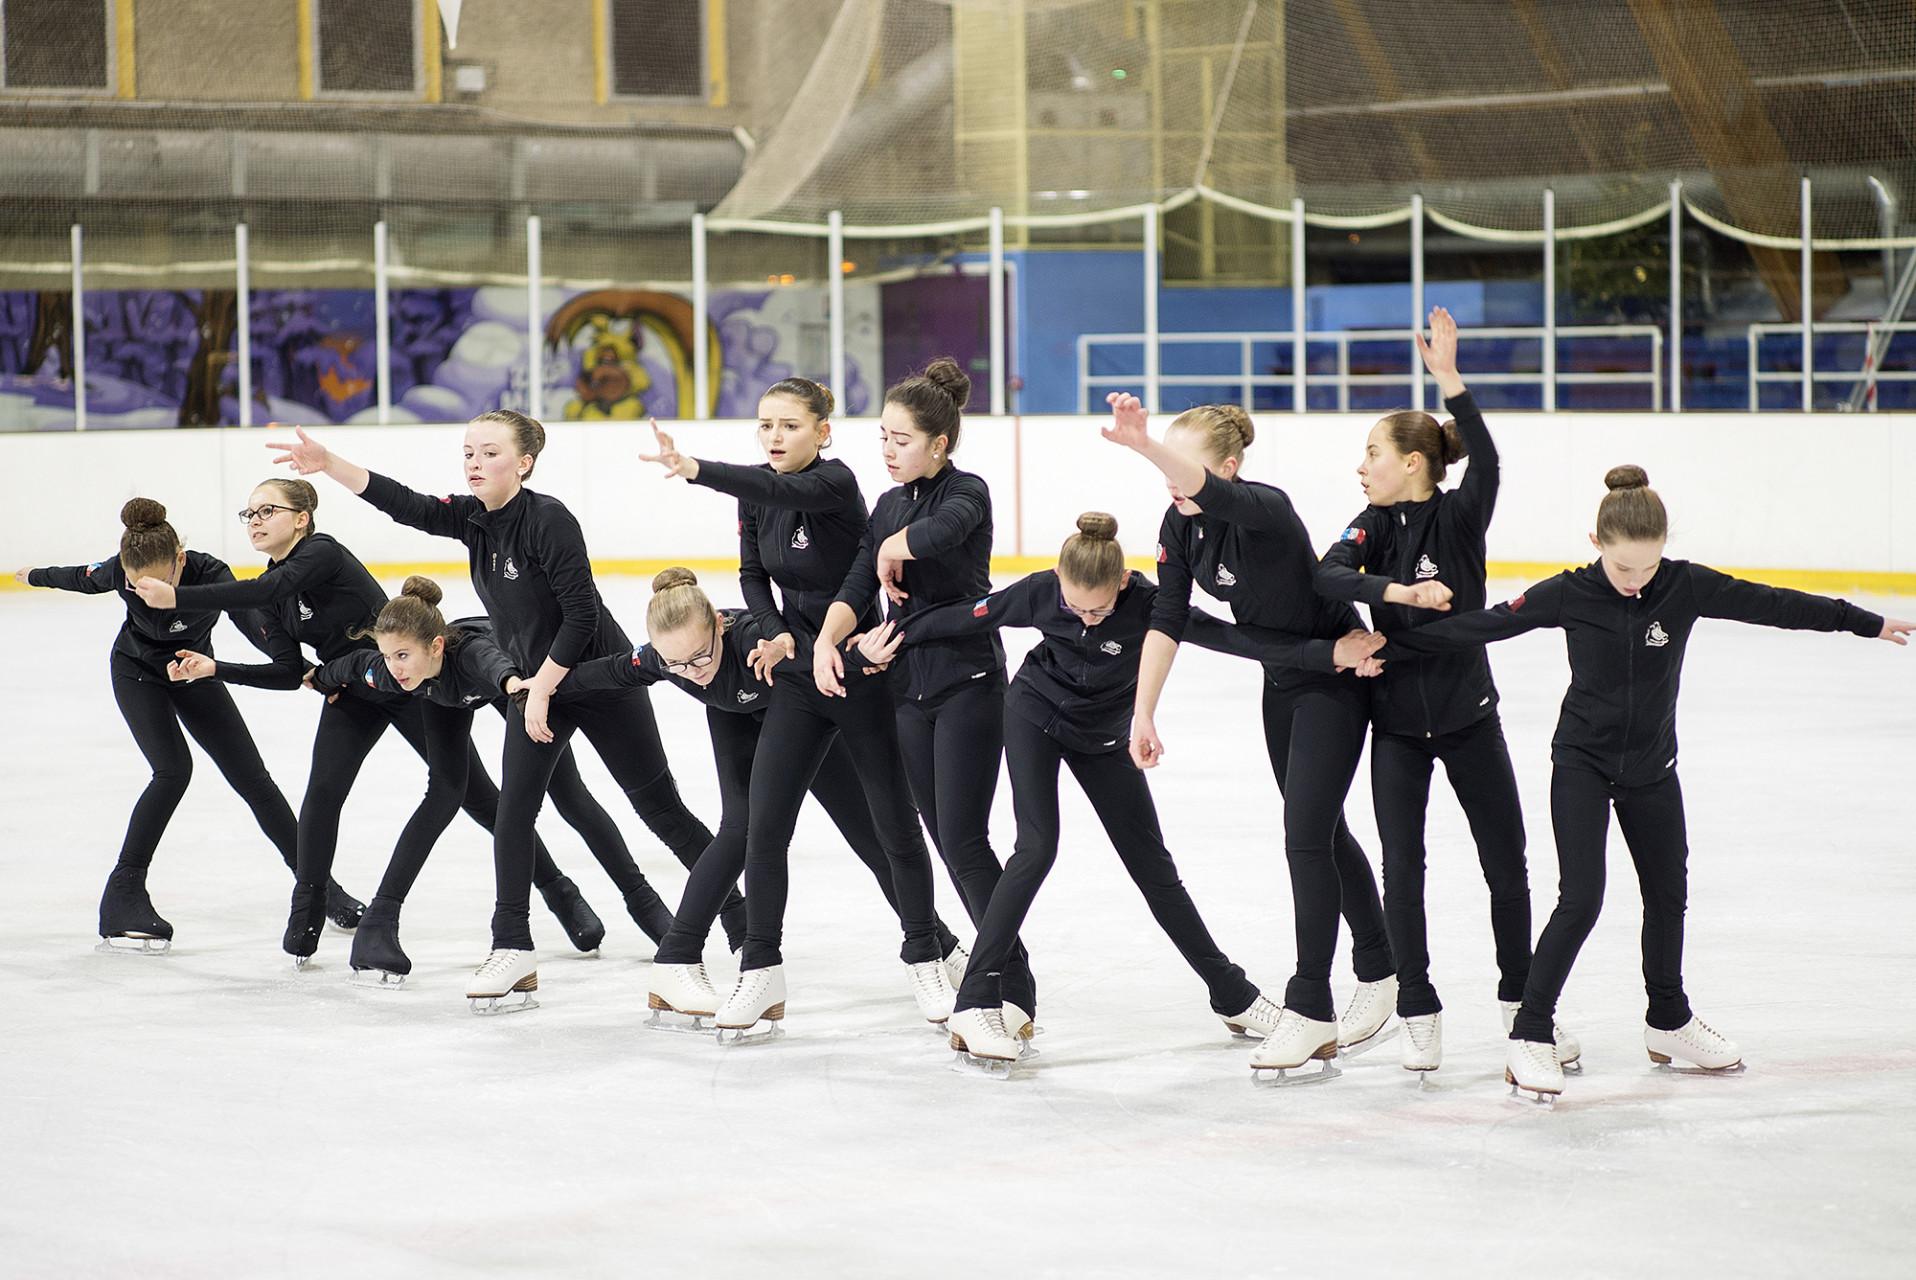 Entrainement patinoire equipe de Compiegne